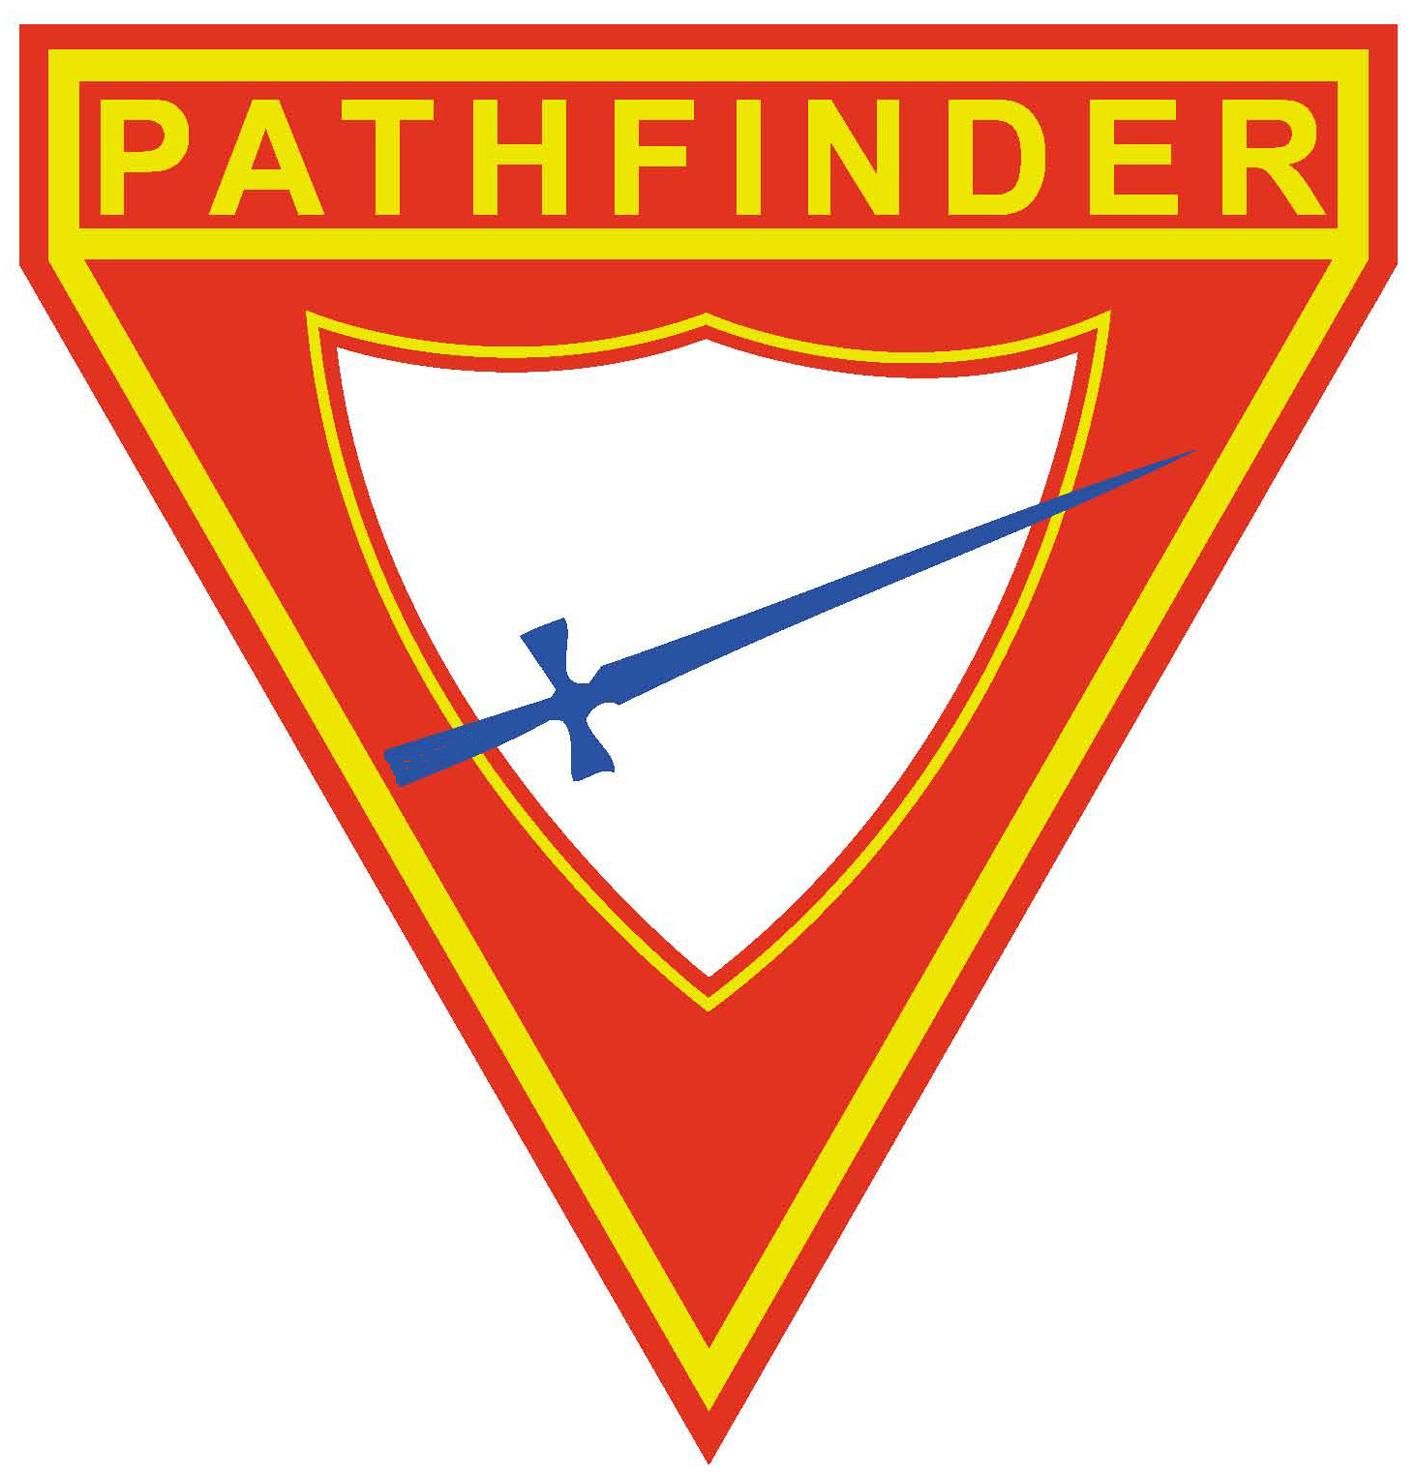 Pathfinder Logos